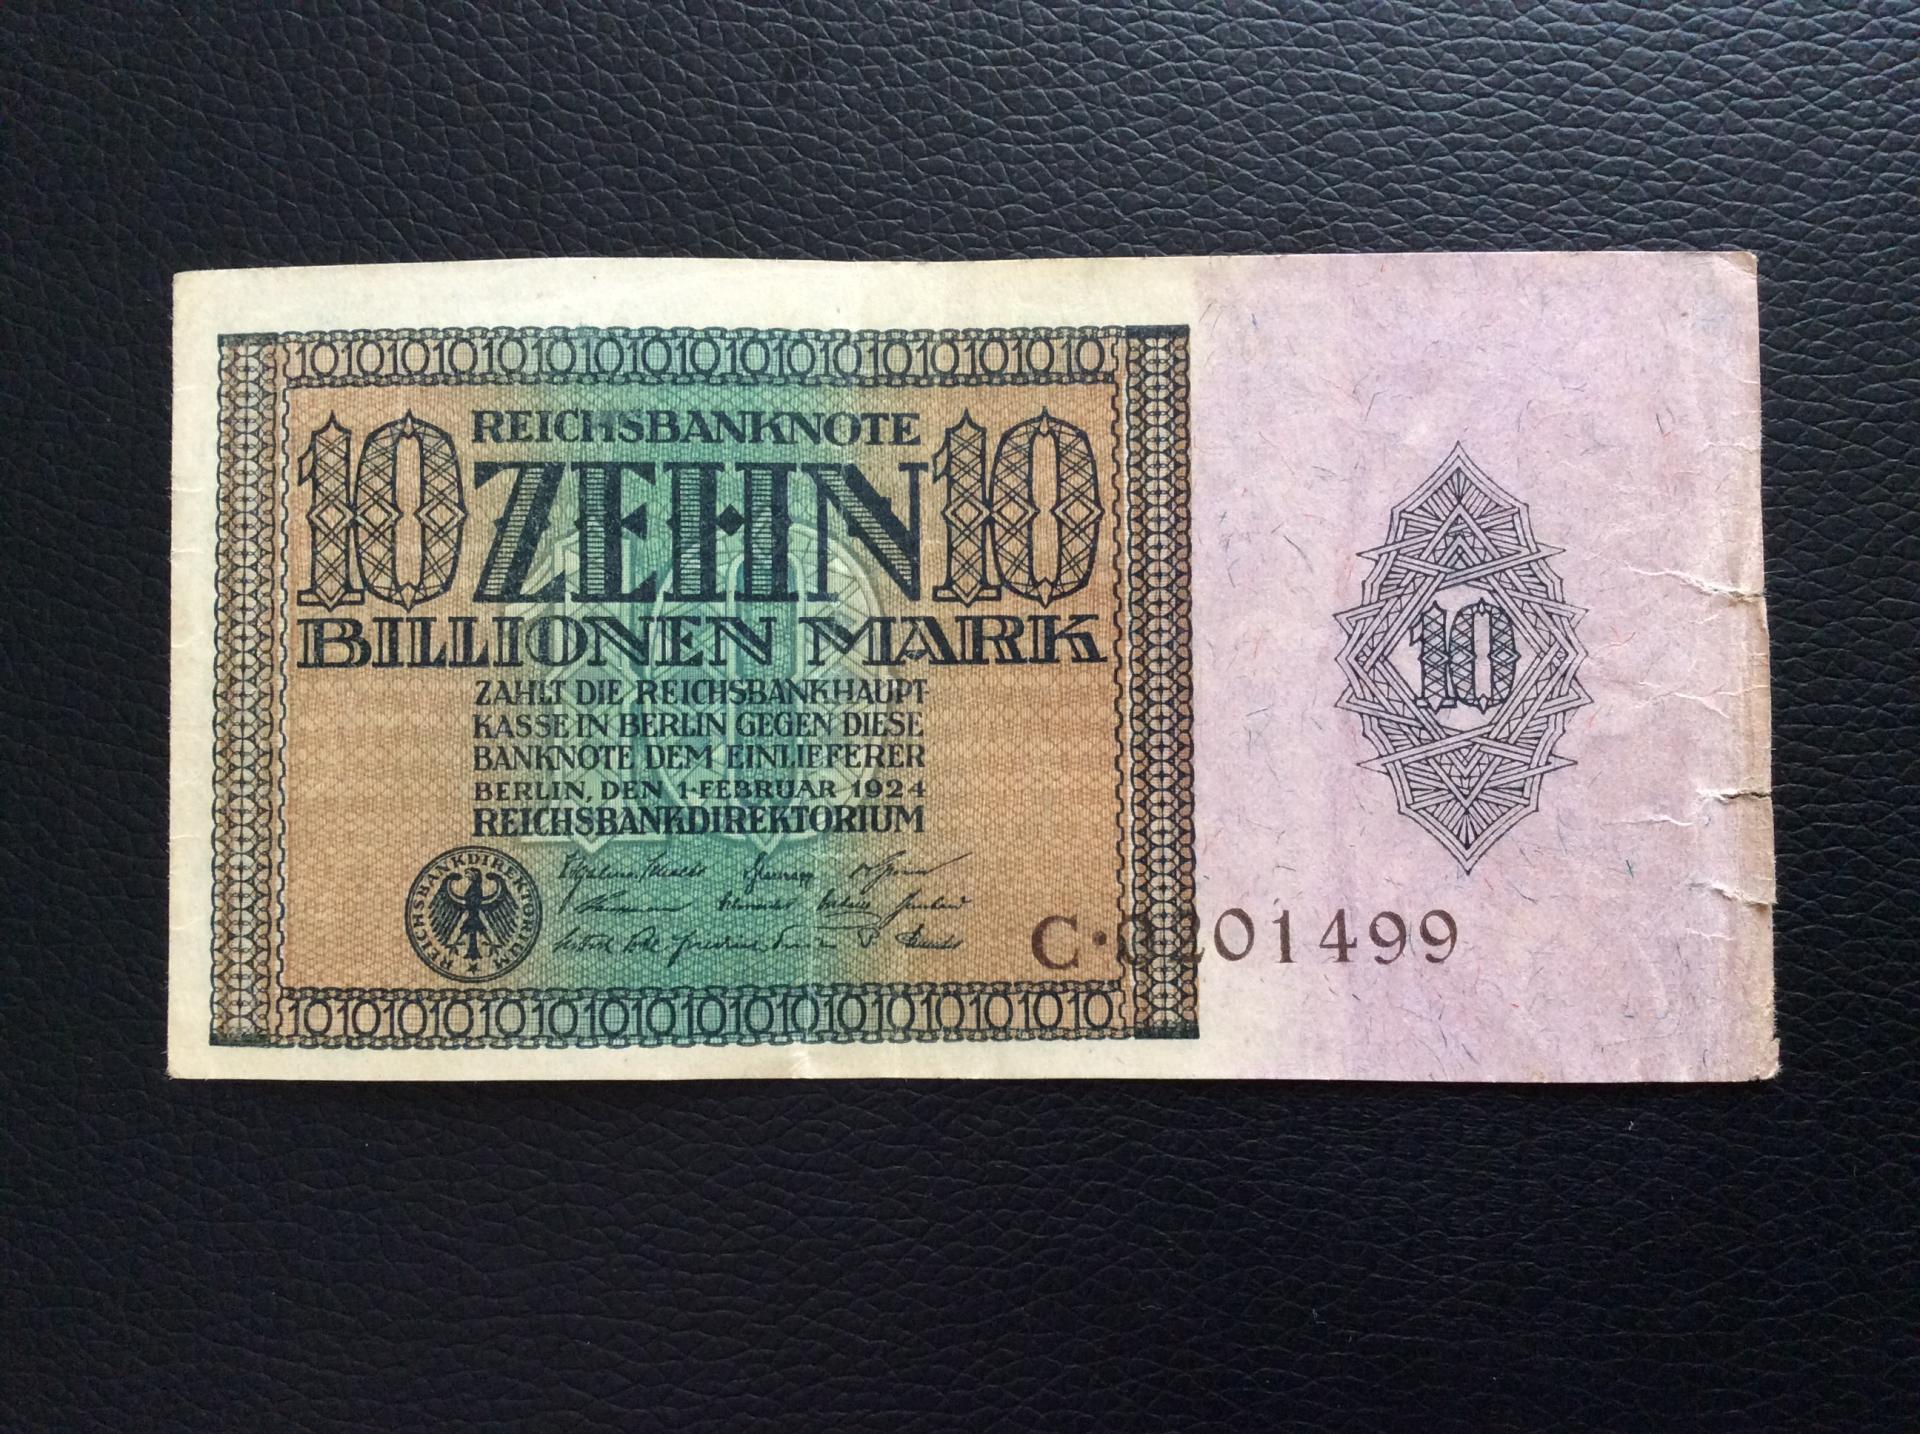 10 BILLIONEN MARK 1924 - BERLÍN ALEMANIA - REICHSBANKNOTE